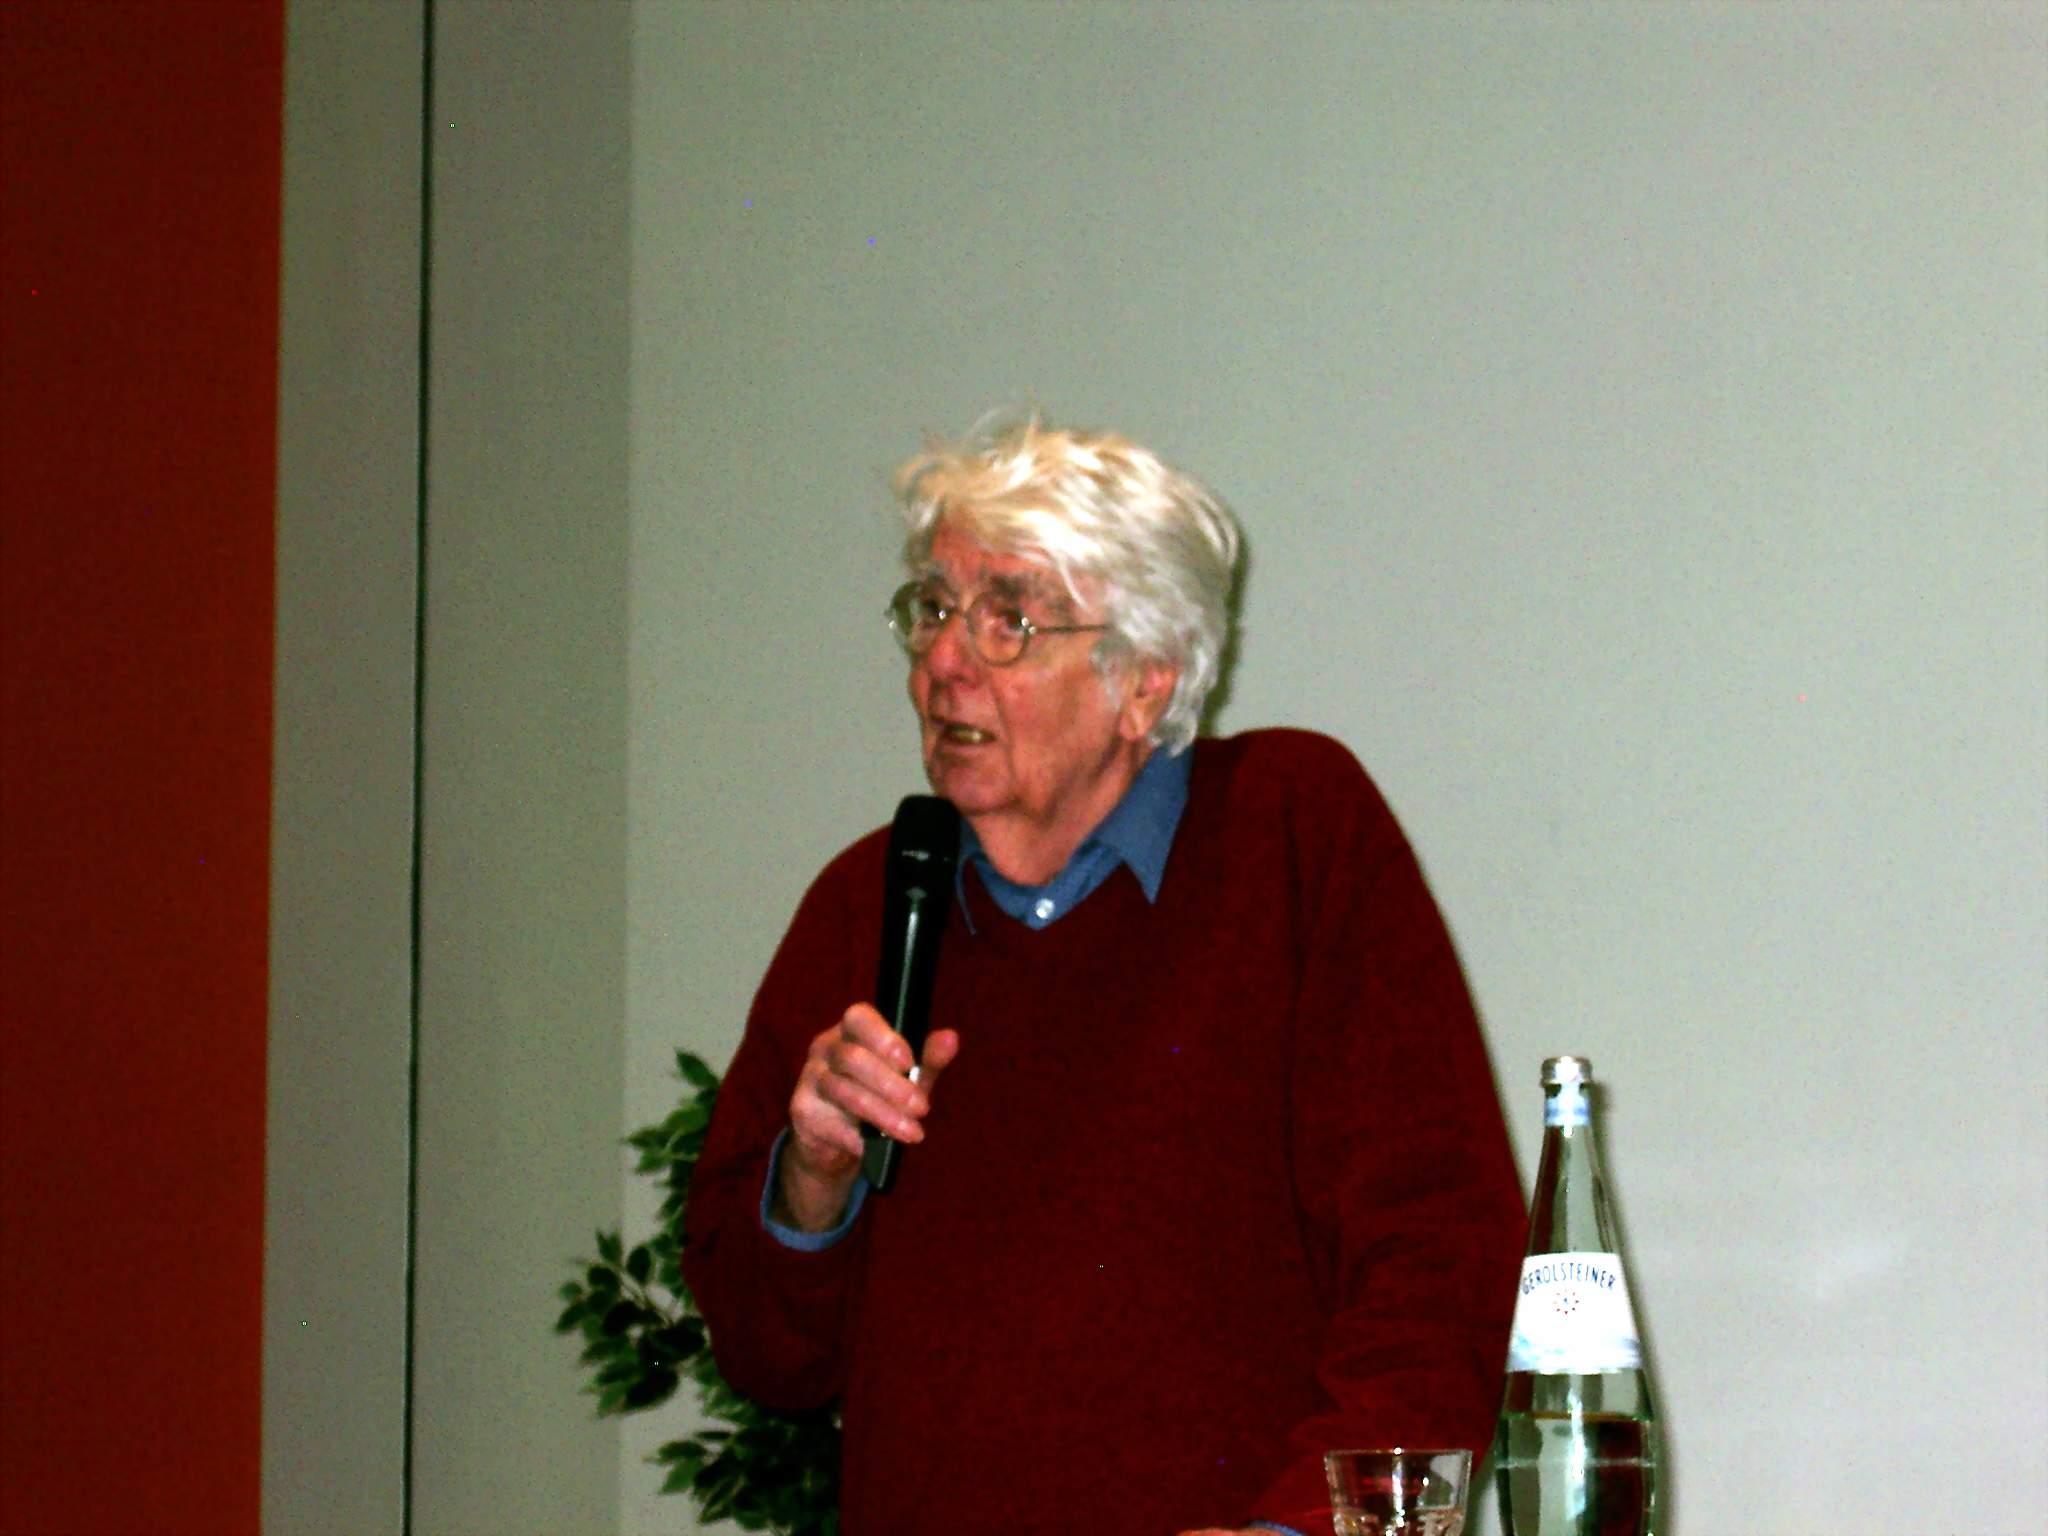 Dr. Herbert Schui